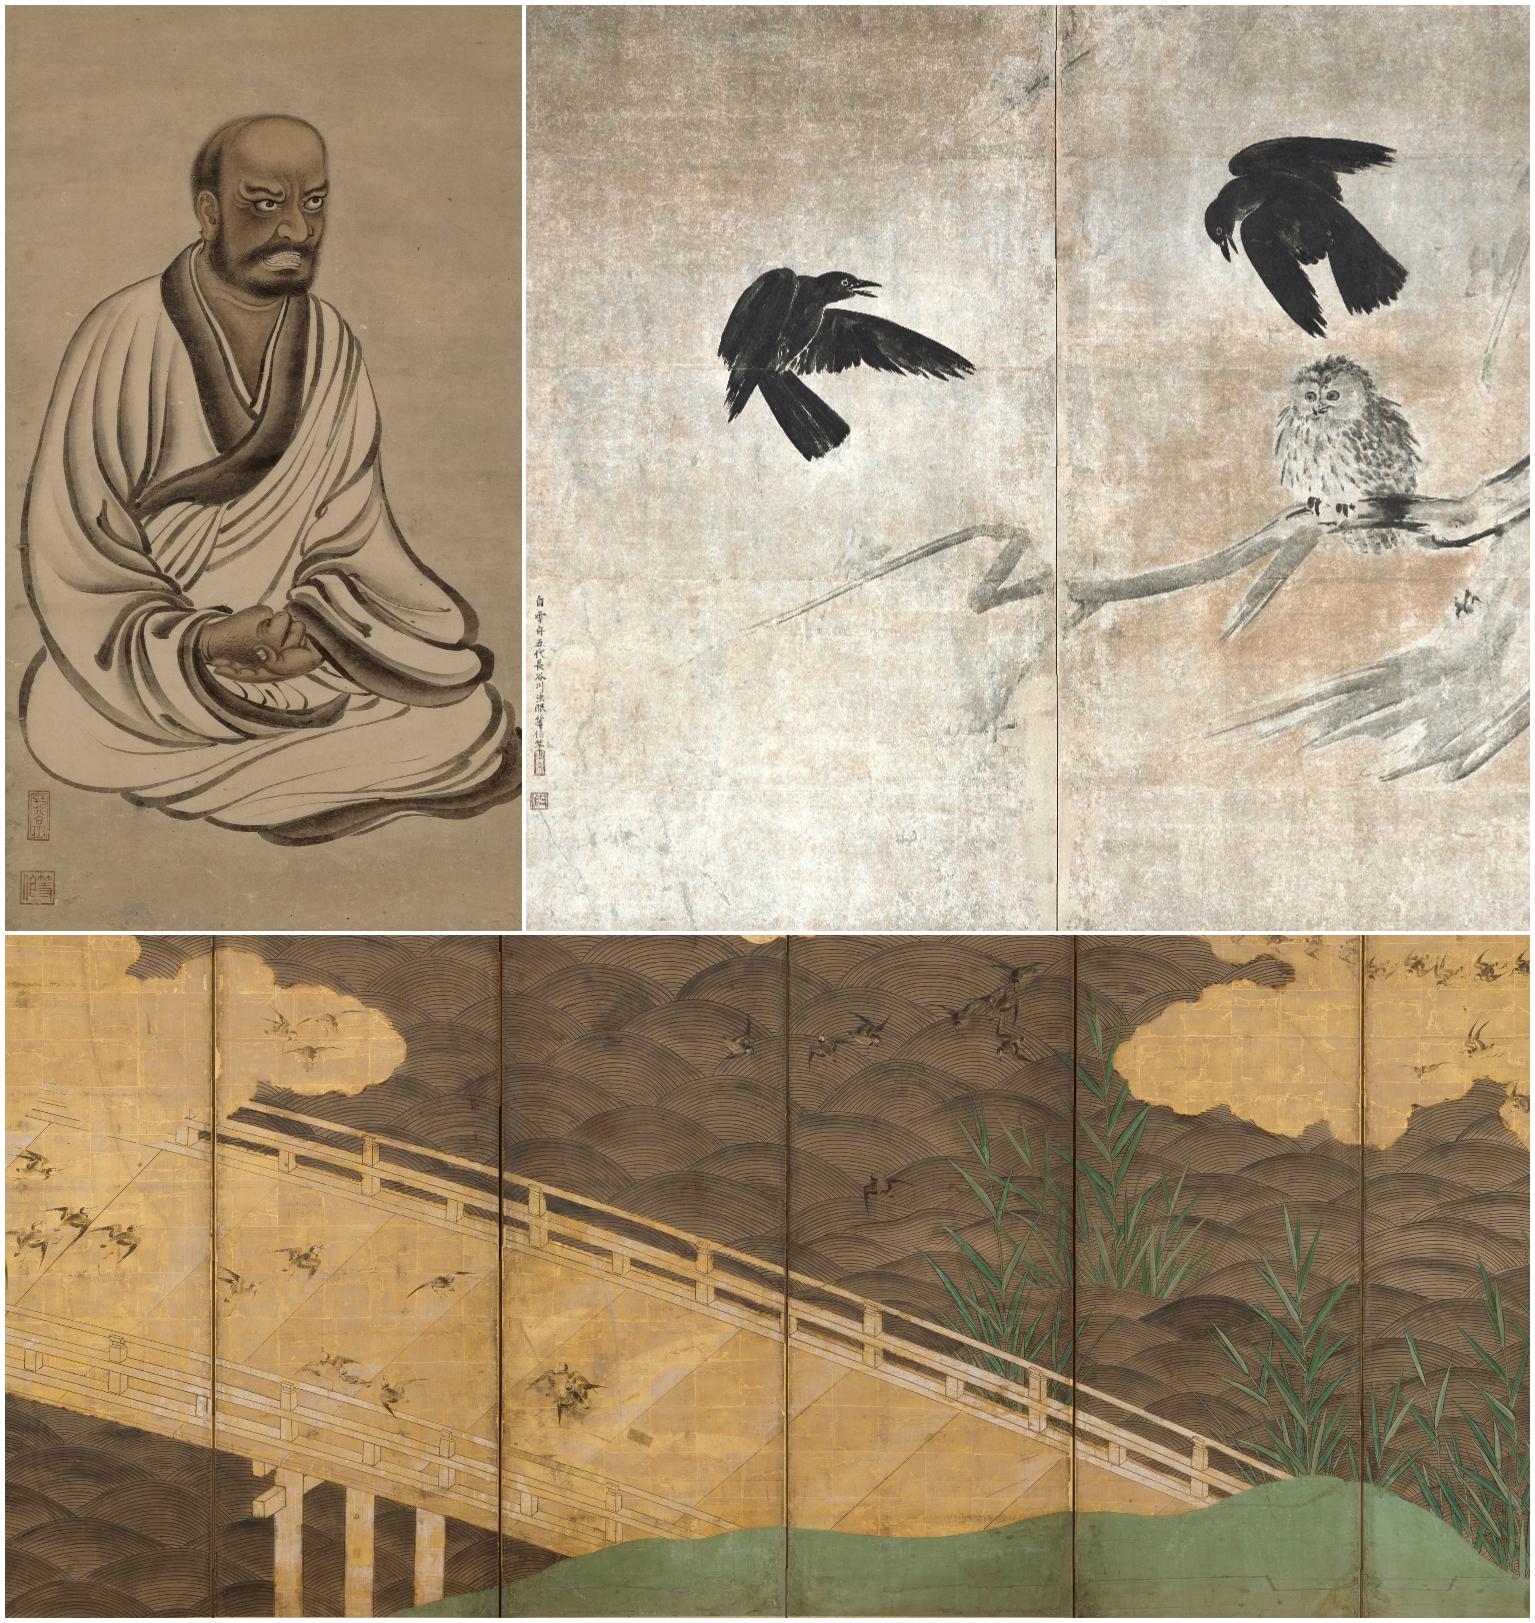 石川県七尾美術館で「長谷川等伯展」が開催